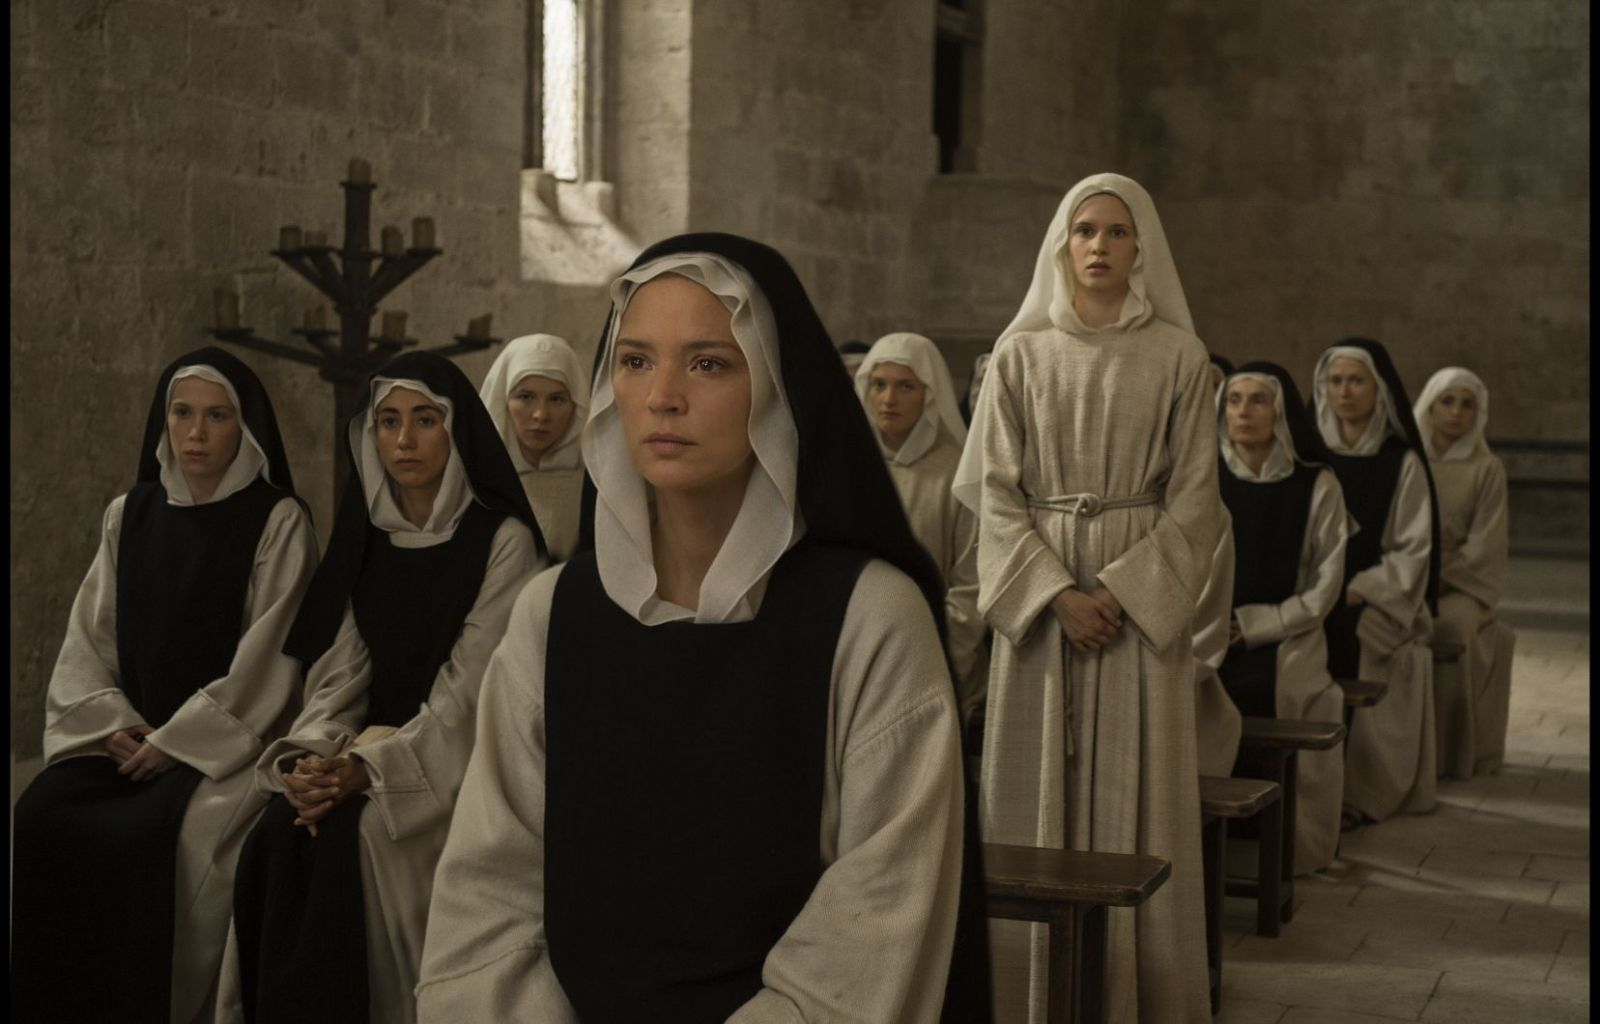 Виржини Эфира в роли Бенедетты Карлини на кадре из фильма «Искушение»